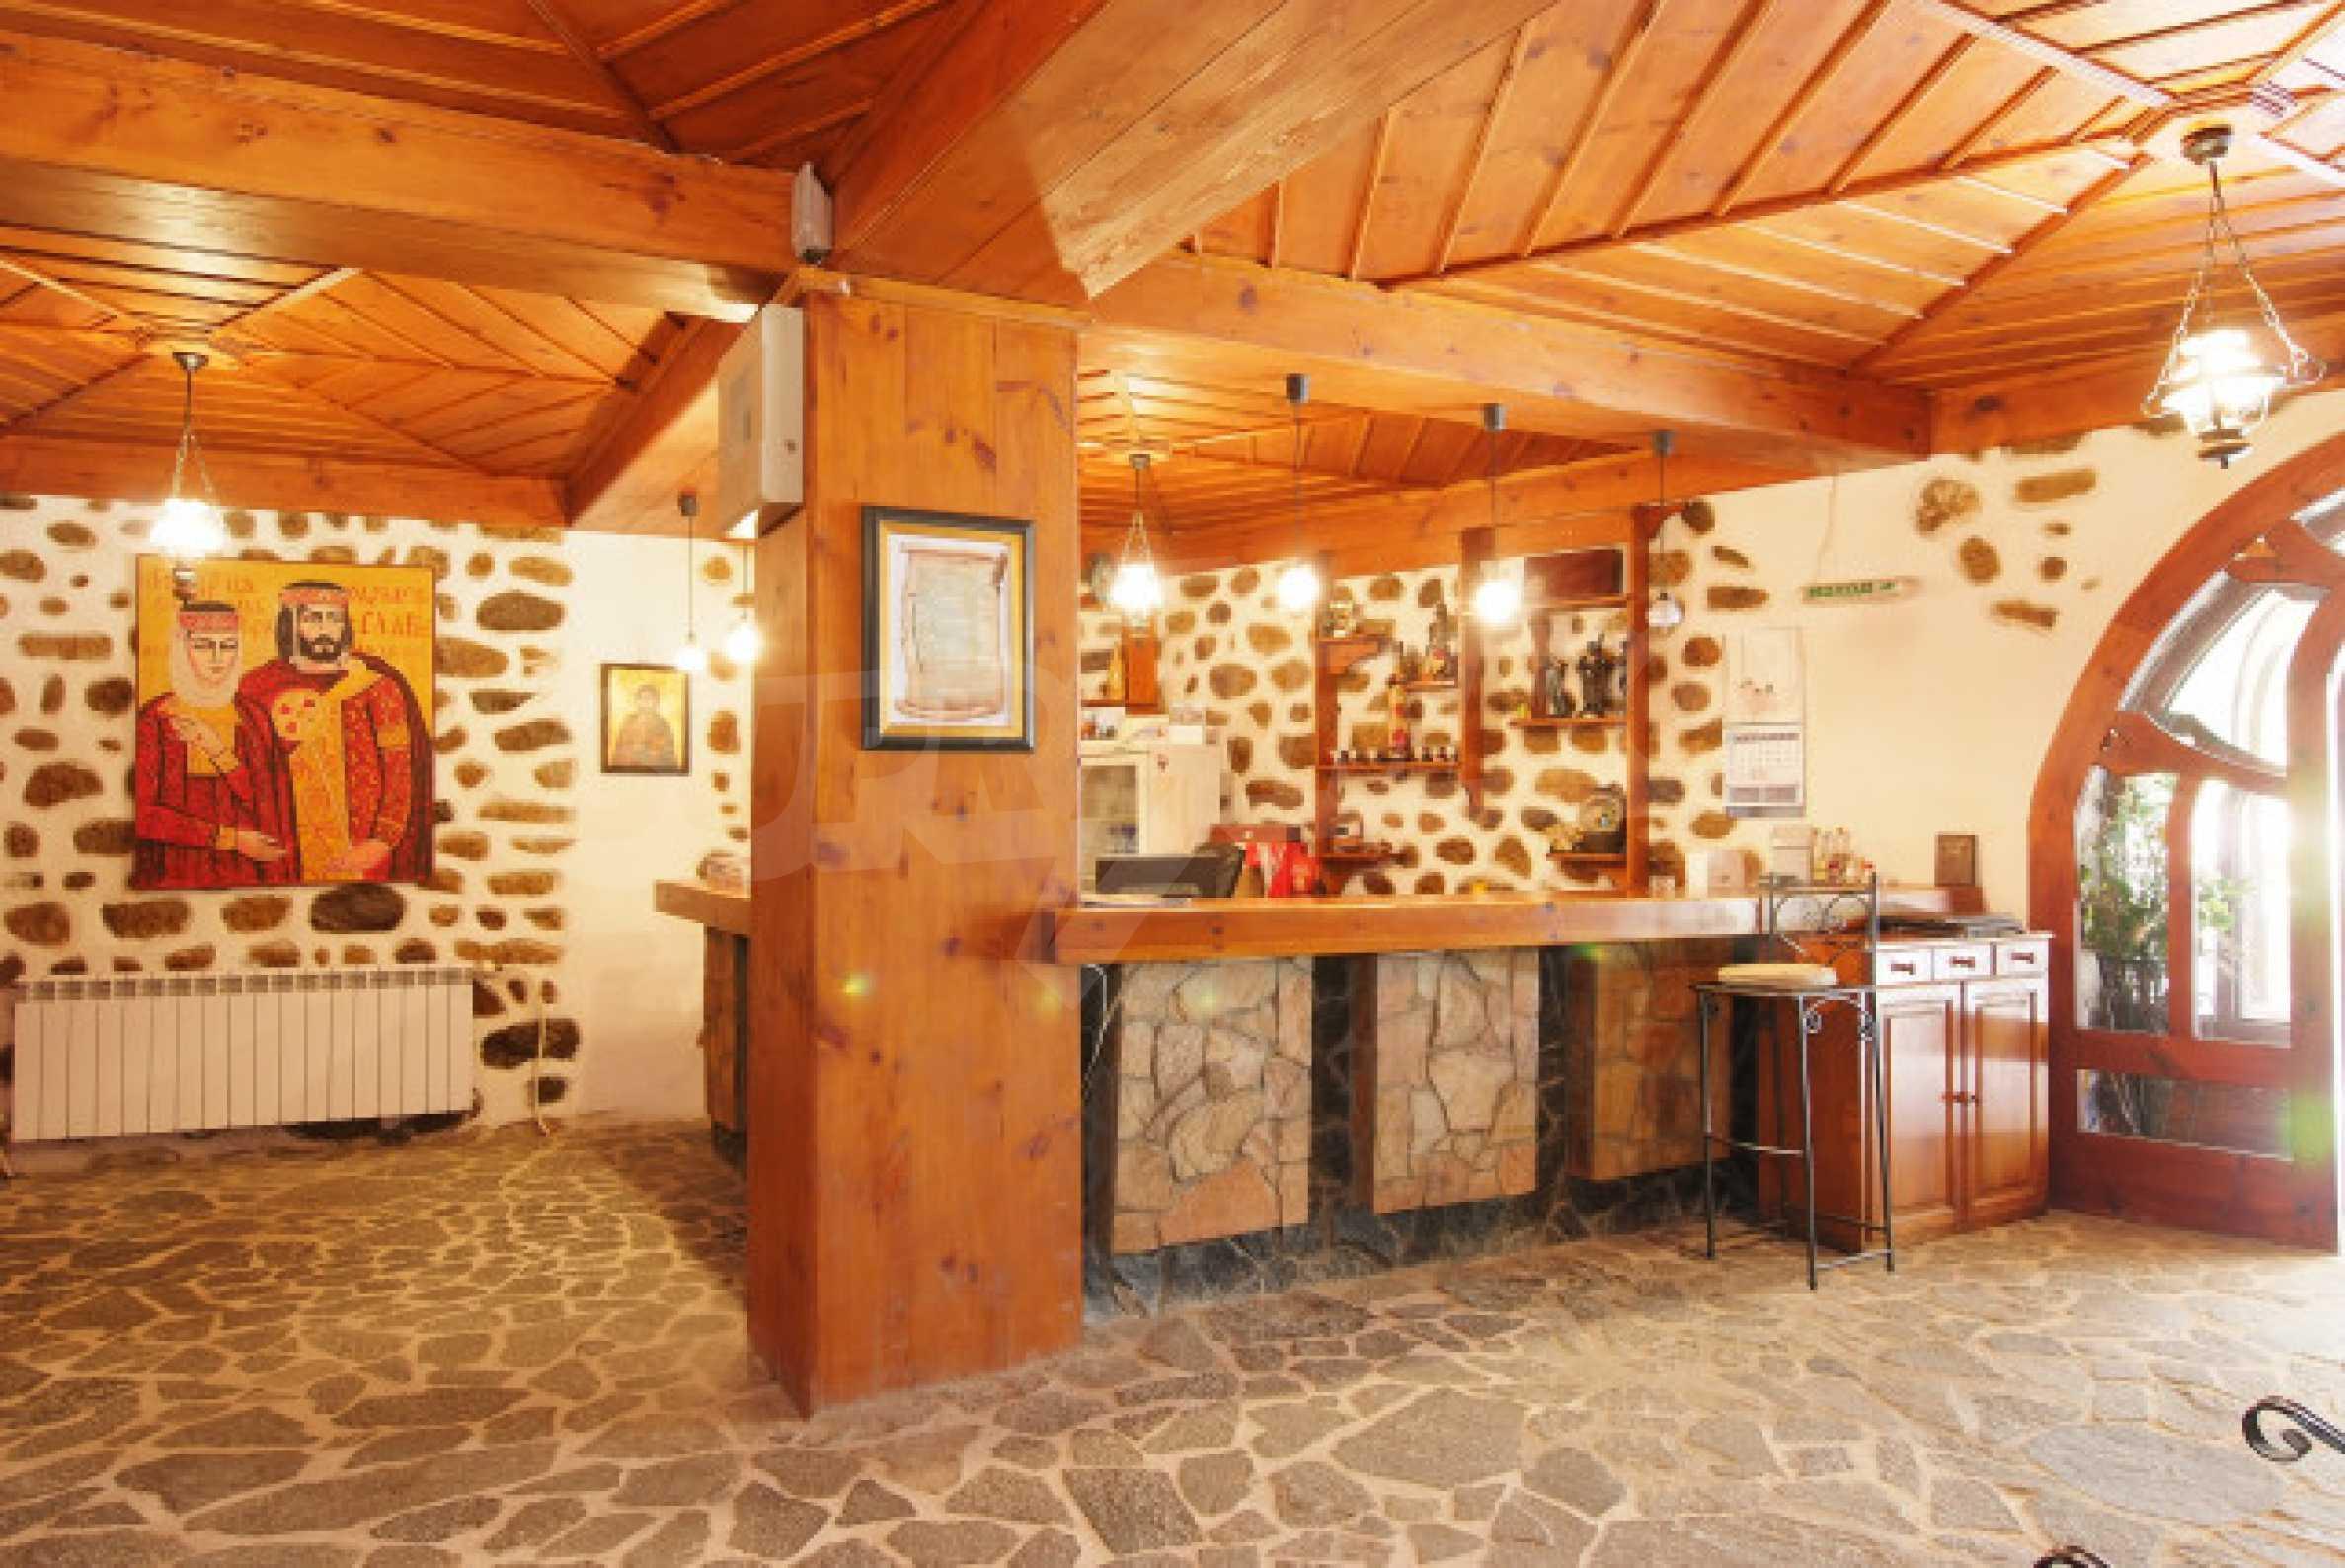 Семеен хотел в центъра на град Мелник 9